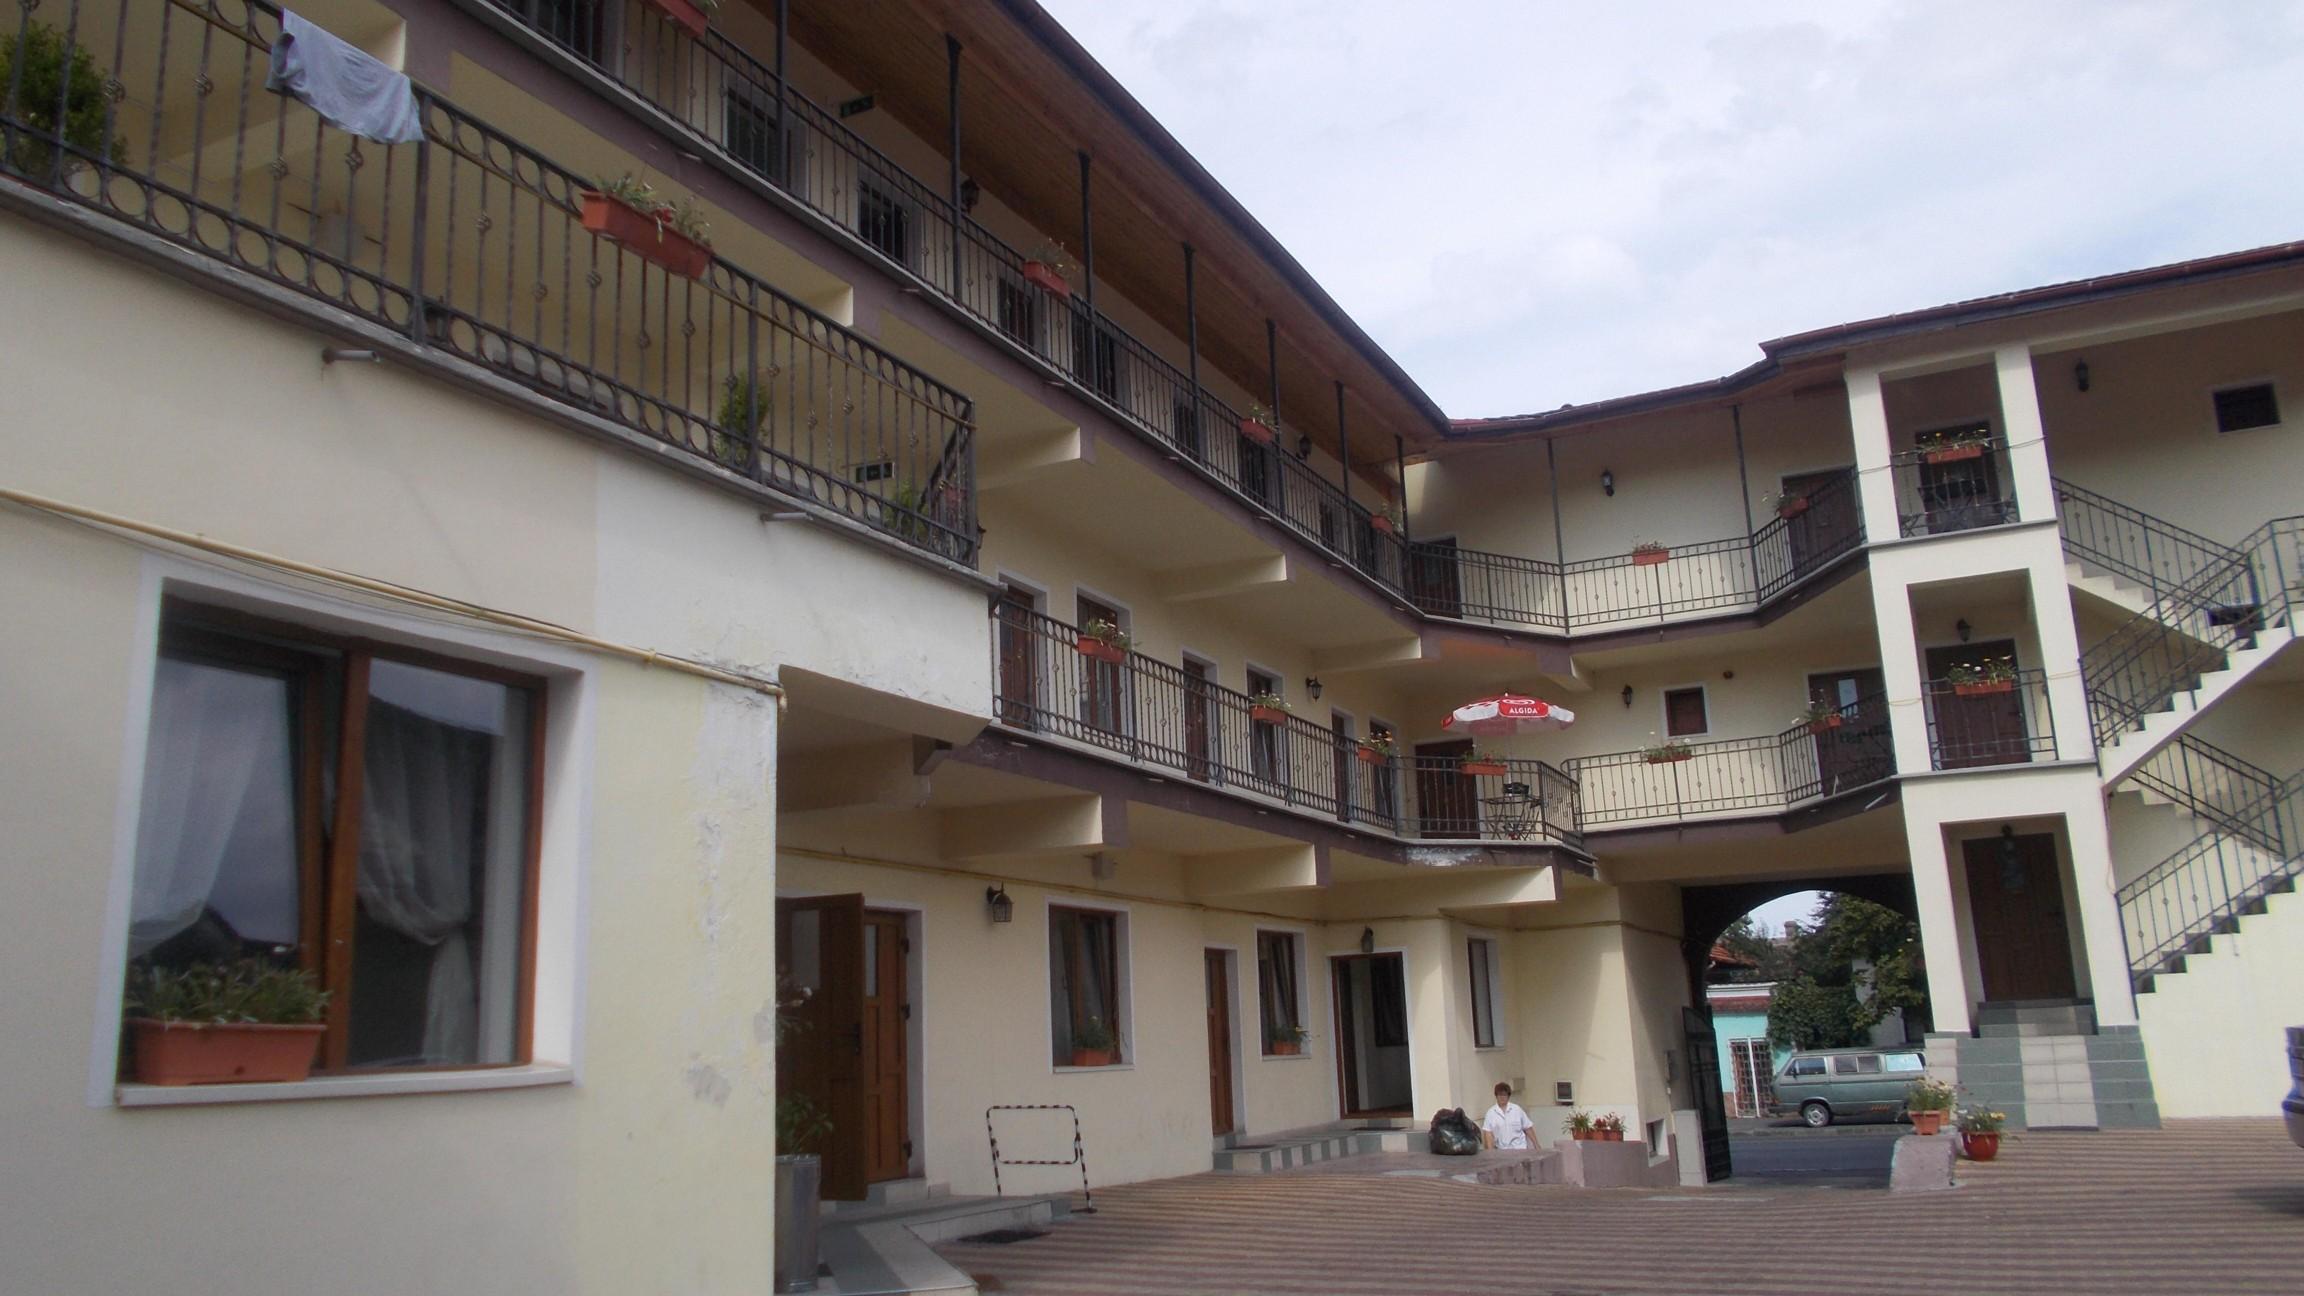 Han - odinioară, hotel modern - astăzi